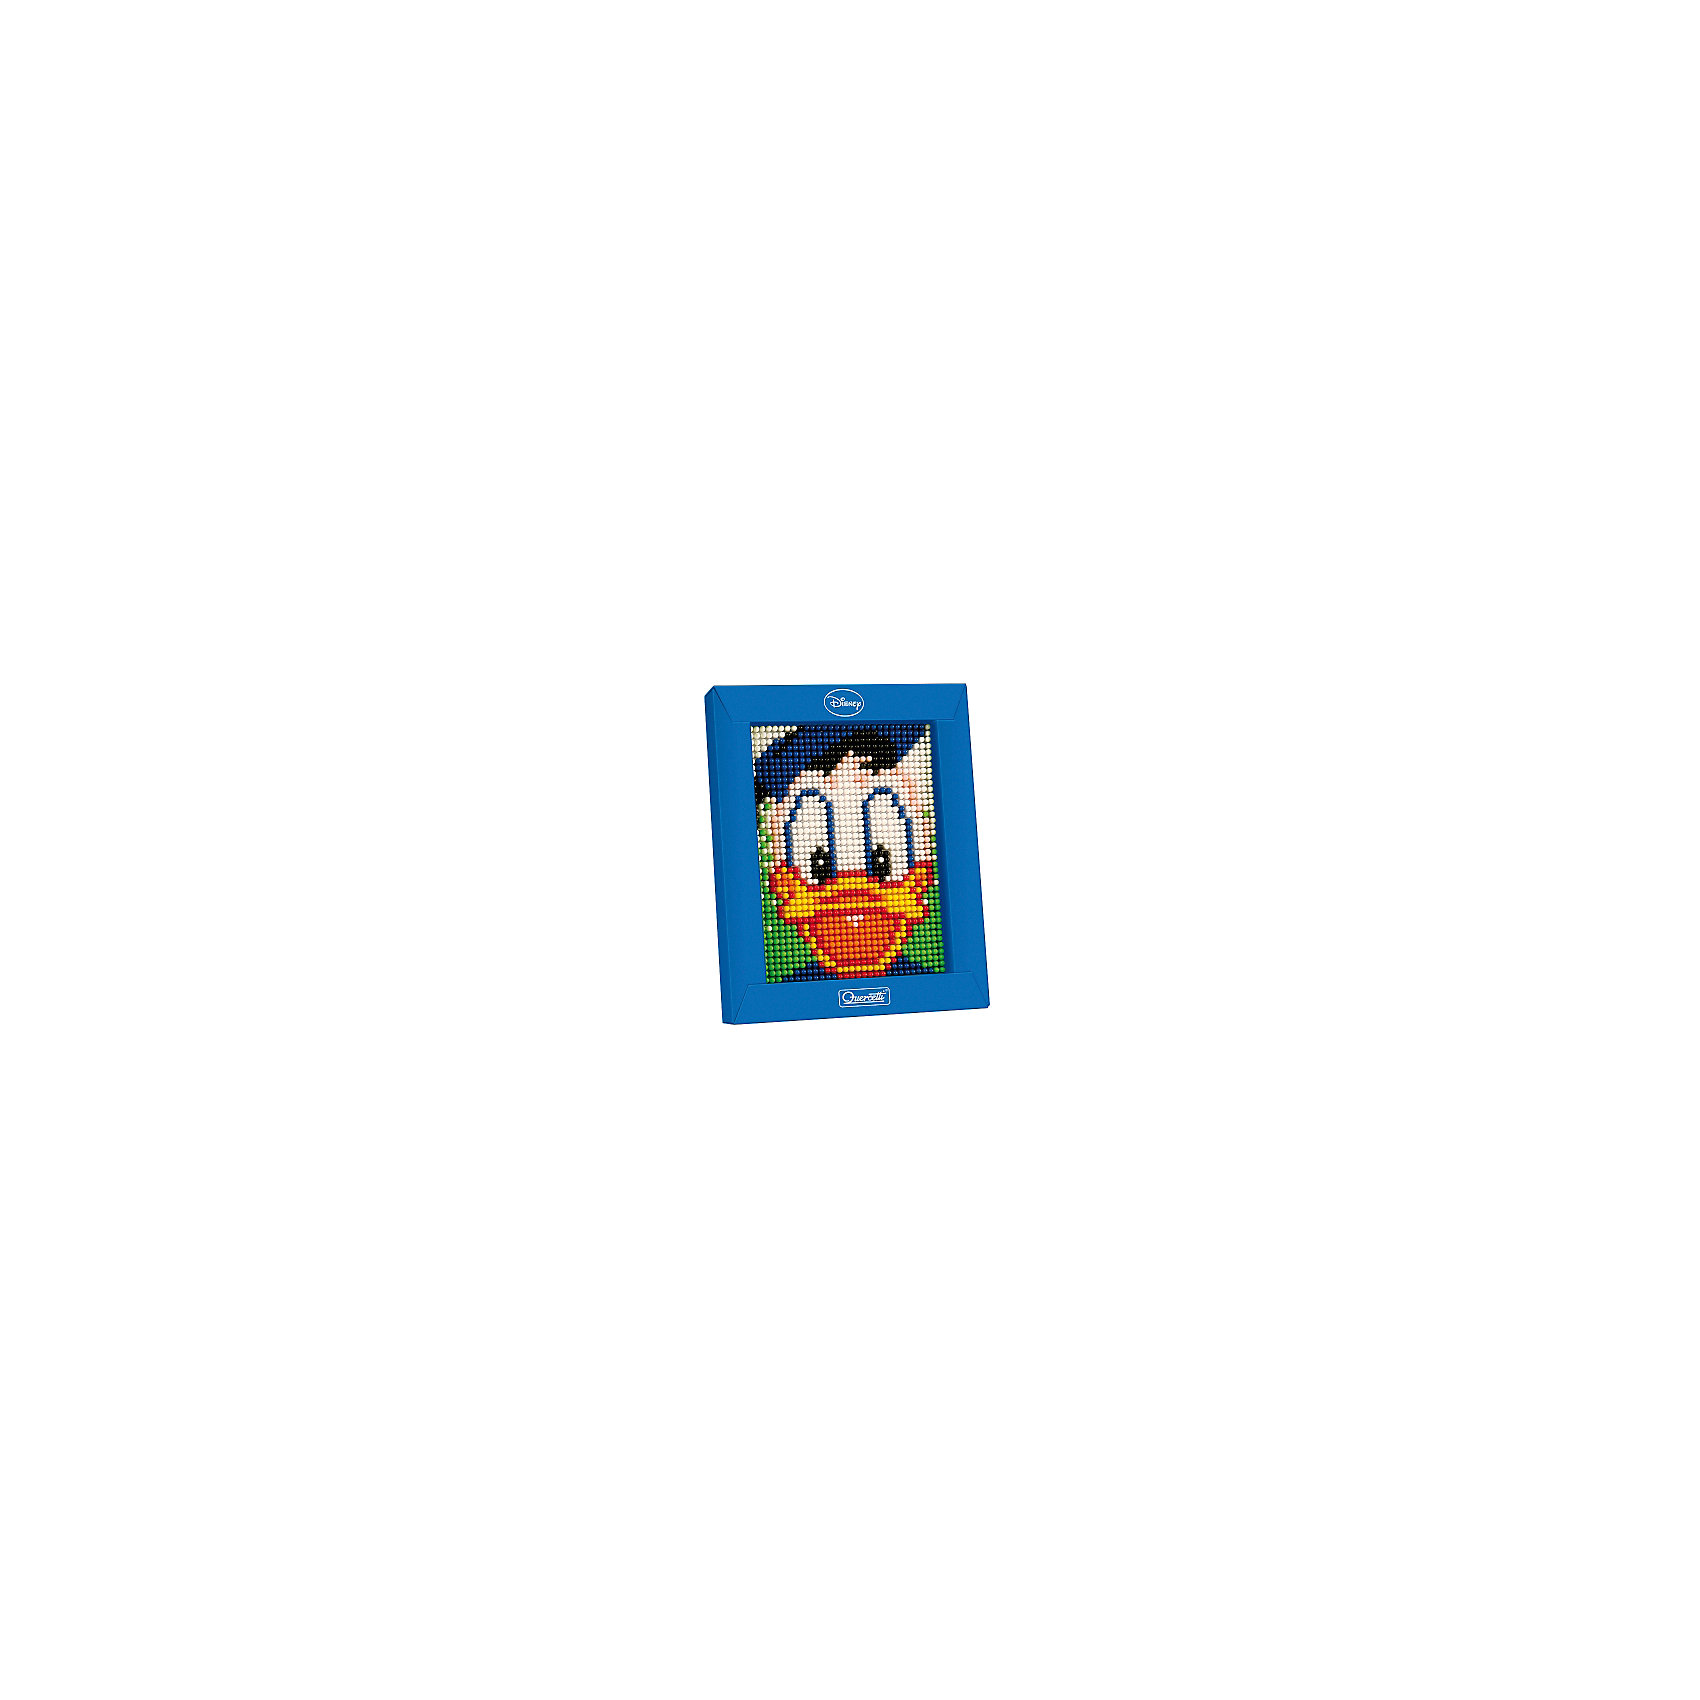 Пиксельная мозаика Дональд, 1200 деталей, QuercettiМозаика<br>Пиксельная мозаика Дональд, 1200 деталей, Quercetti (Кверсетти).<br><br>Характеристики:<br><br>- В наборе: 1200 деталей 8-ти цветов, основа (наборная доска), картонная рамка, направляющий лист, плакат, инструкция<br>- Размер основы: 12 х 16,5 см.<br>- Размер рамки: 16,5 х 21 х 3,2 см.<br>- Цвета: белый, черный, розовый, оранжевый, красный, синий, зеленый, желтый<br>- Материал: безопасный пластик, окрашенный нетоксичными красками<br>- Упаковка: картонная коробка<br>- Размер упаковки: 17 х 22 х 4 см.<br><br>Пиксельная мозаика от Quercetti (Кверсетти) поможет вашему малышу из 1200 деталей создать портрет любимого мультигероя Дональда Дака. Нужно просто положить цветную схему на основу и можно начинать собирать мозаику! Рисунок на листе разделен на маленькие квадратики. Ребенку нужно выбрать подходящие по цвету детали-гвоздики и вставить их в отверстия. Кончики элементов легко проходят сквозь бумагу и надежно фиксируются в основе. В итоге они ложатся ровными рядами, а разноцветные шляпки сливаются в единое цветовое полотно, и если смотреть на собранную картинку с расстояния, изображение чудесным образом преобразится, повторяя эффект фотографии. Готовую картинку можно вставить в картонную рамочку и повесить на стену, как настоящую картину. Собирание мозаики развивает у детей цветовосприятие, творческие способности, внимание, усидчивость и мелкую моторику.<br><br>Пиксельную мозаику Дональд, 1200 деталей, Quercetti (Кверсетти) можно купить в нашем интернет-магазине.<br><br>Ширина мм: 220<br>Глубина мм: 36<br>Высота мм: 170<br>Вес г: 298<br>Возраст от месяцев: 60<br>Возраст до месяцев: 2147483647<br>Пол: Унисекс<br>Возраст: Детский<br>SKU: 5140053